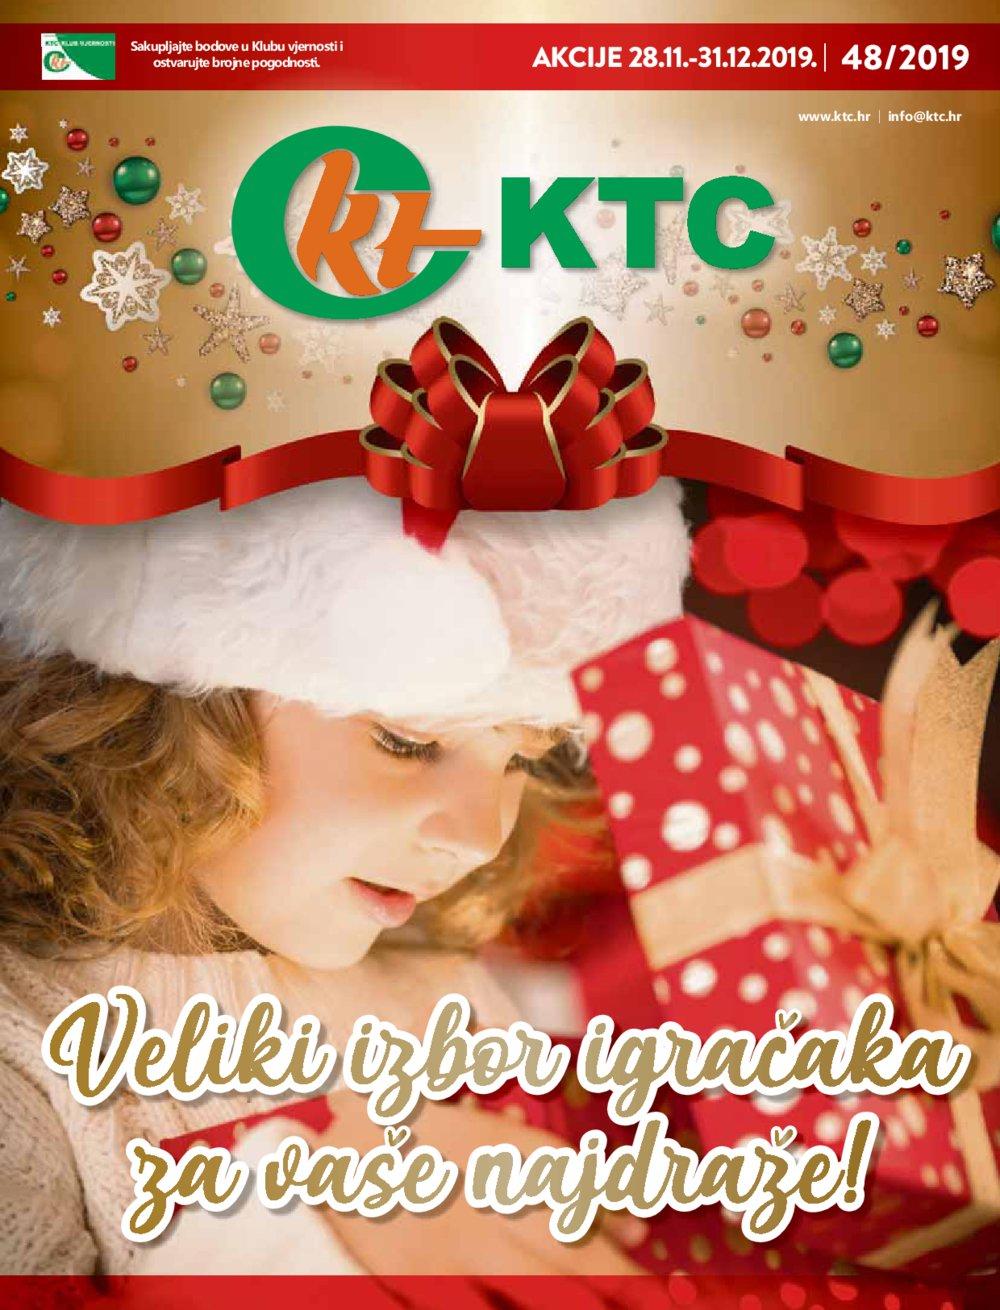 KTC katalog Igračke 28.11.-31.12.2019.